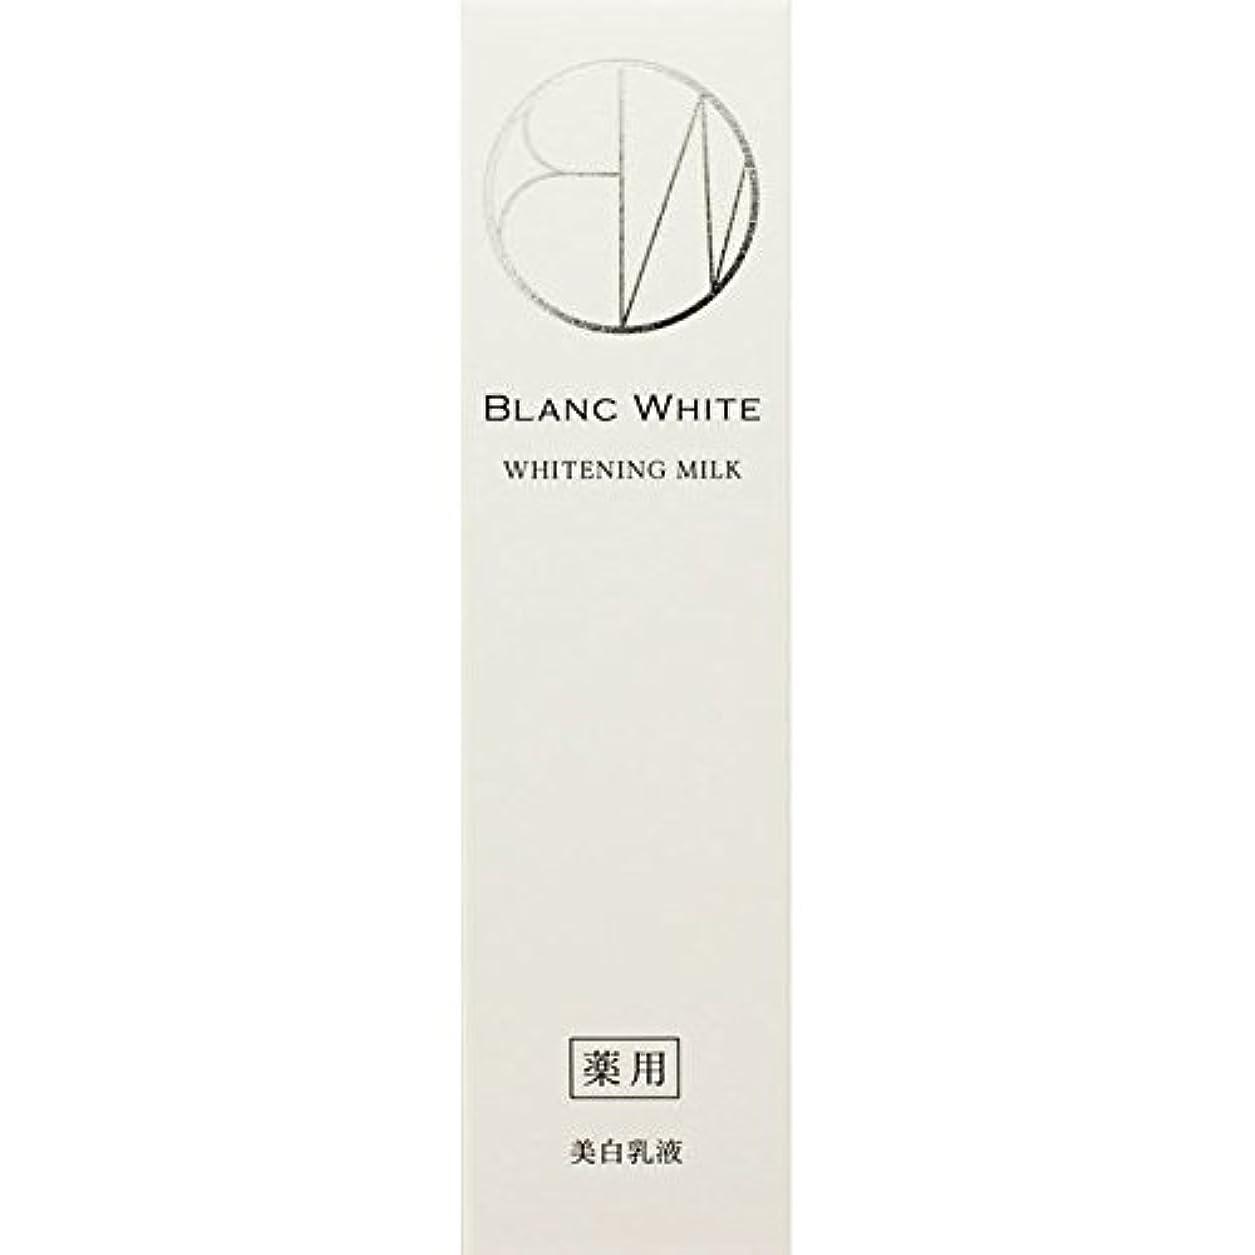 雑多な洞察力のある煙突ブランホワイト ホワイトニングミルク 125ml (医薬部外品)